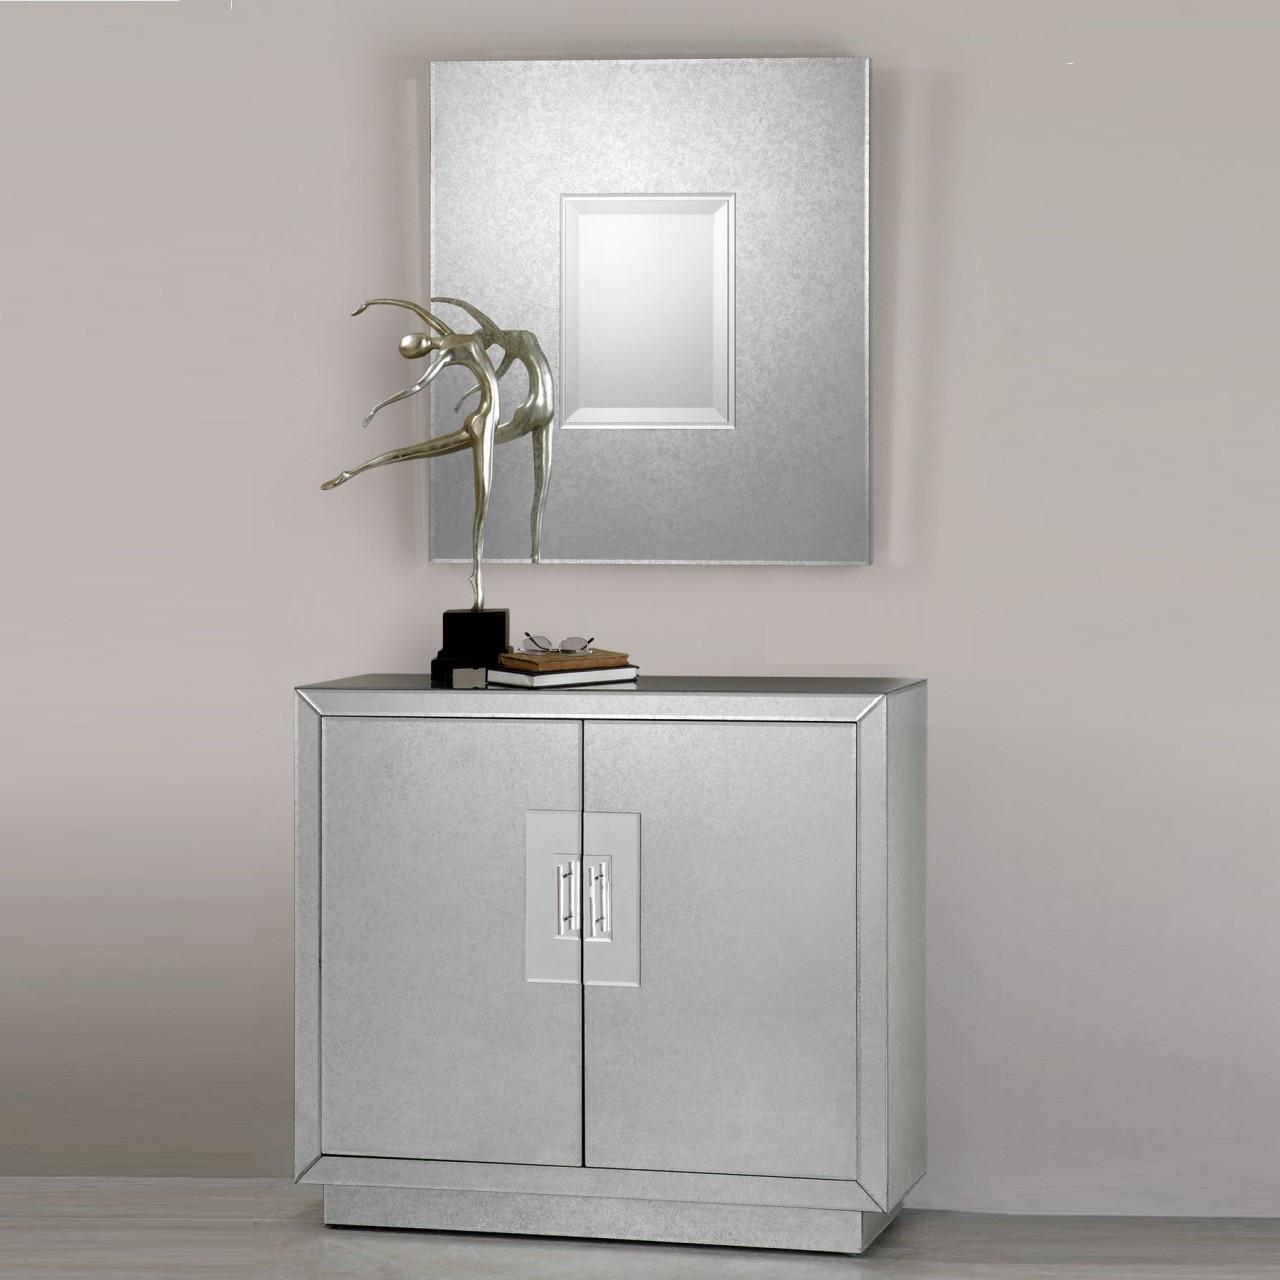 Attrayant Andover Mirrored Console Cabinet